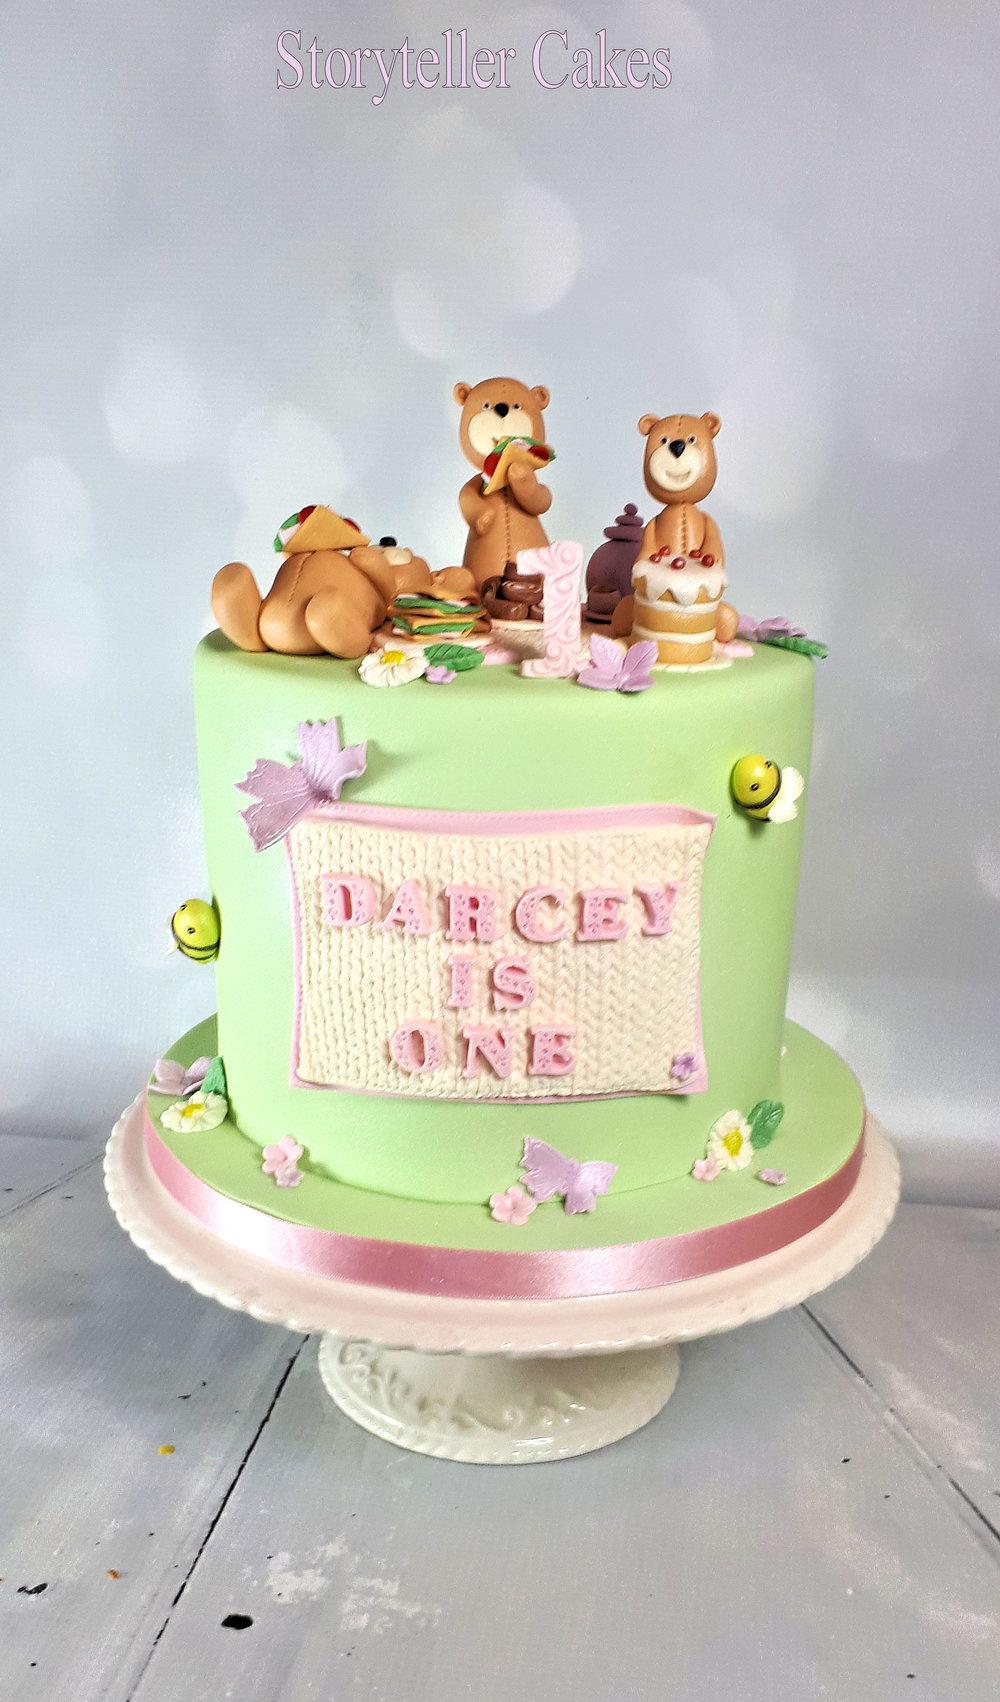 Teddy Bears Picnic 1st Birthday Cake For Girls.jpg